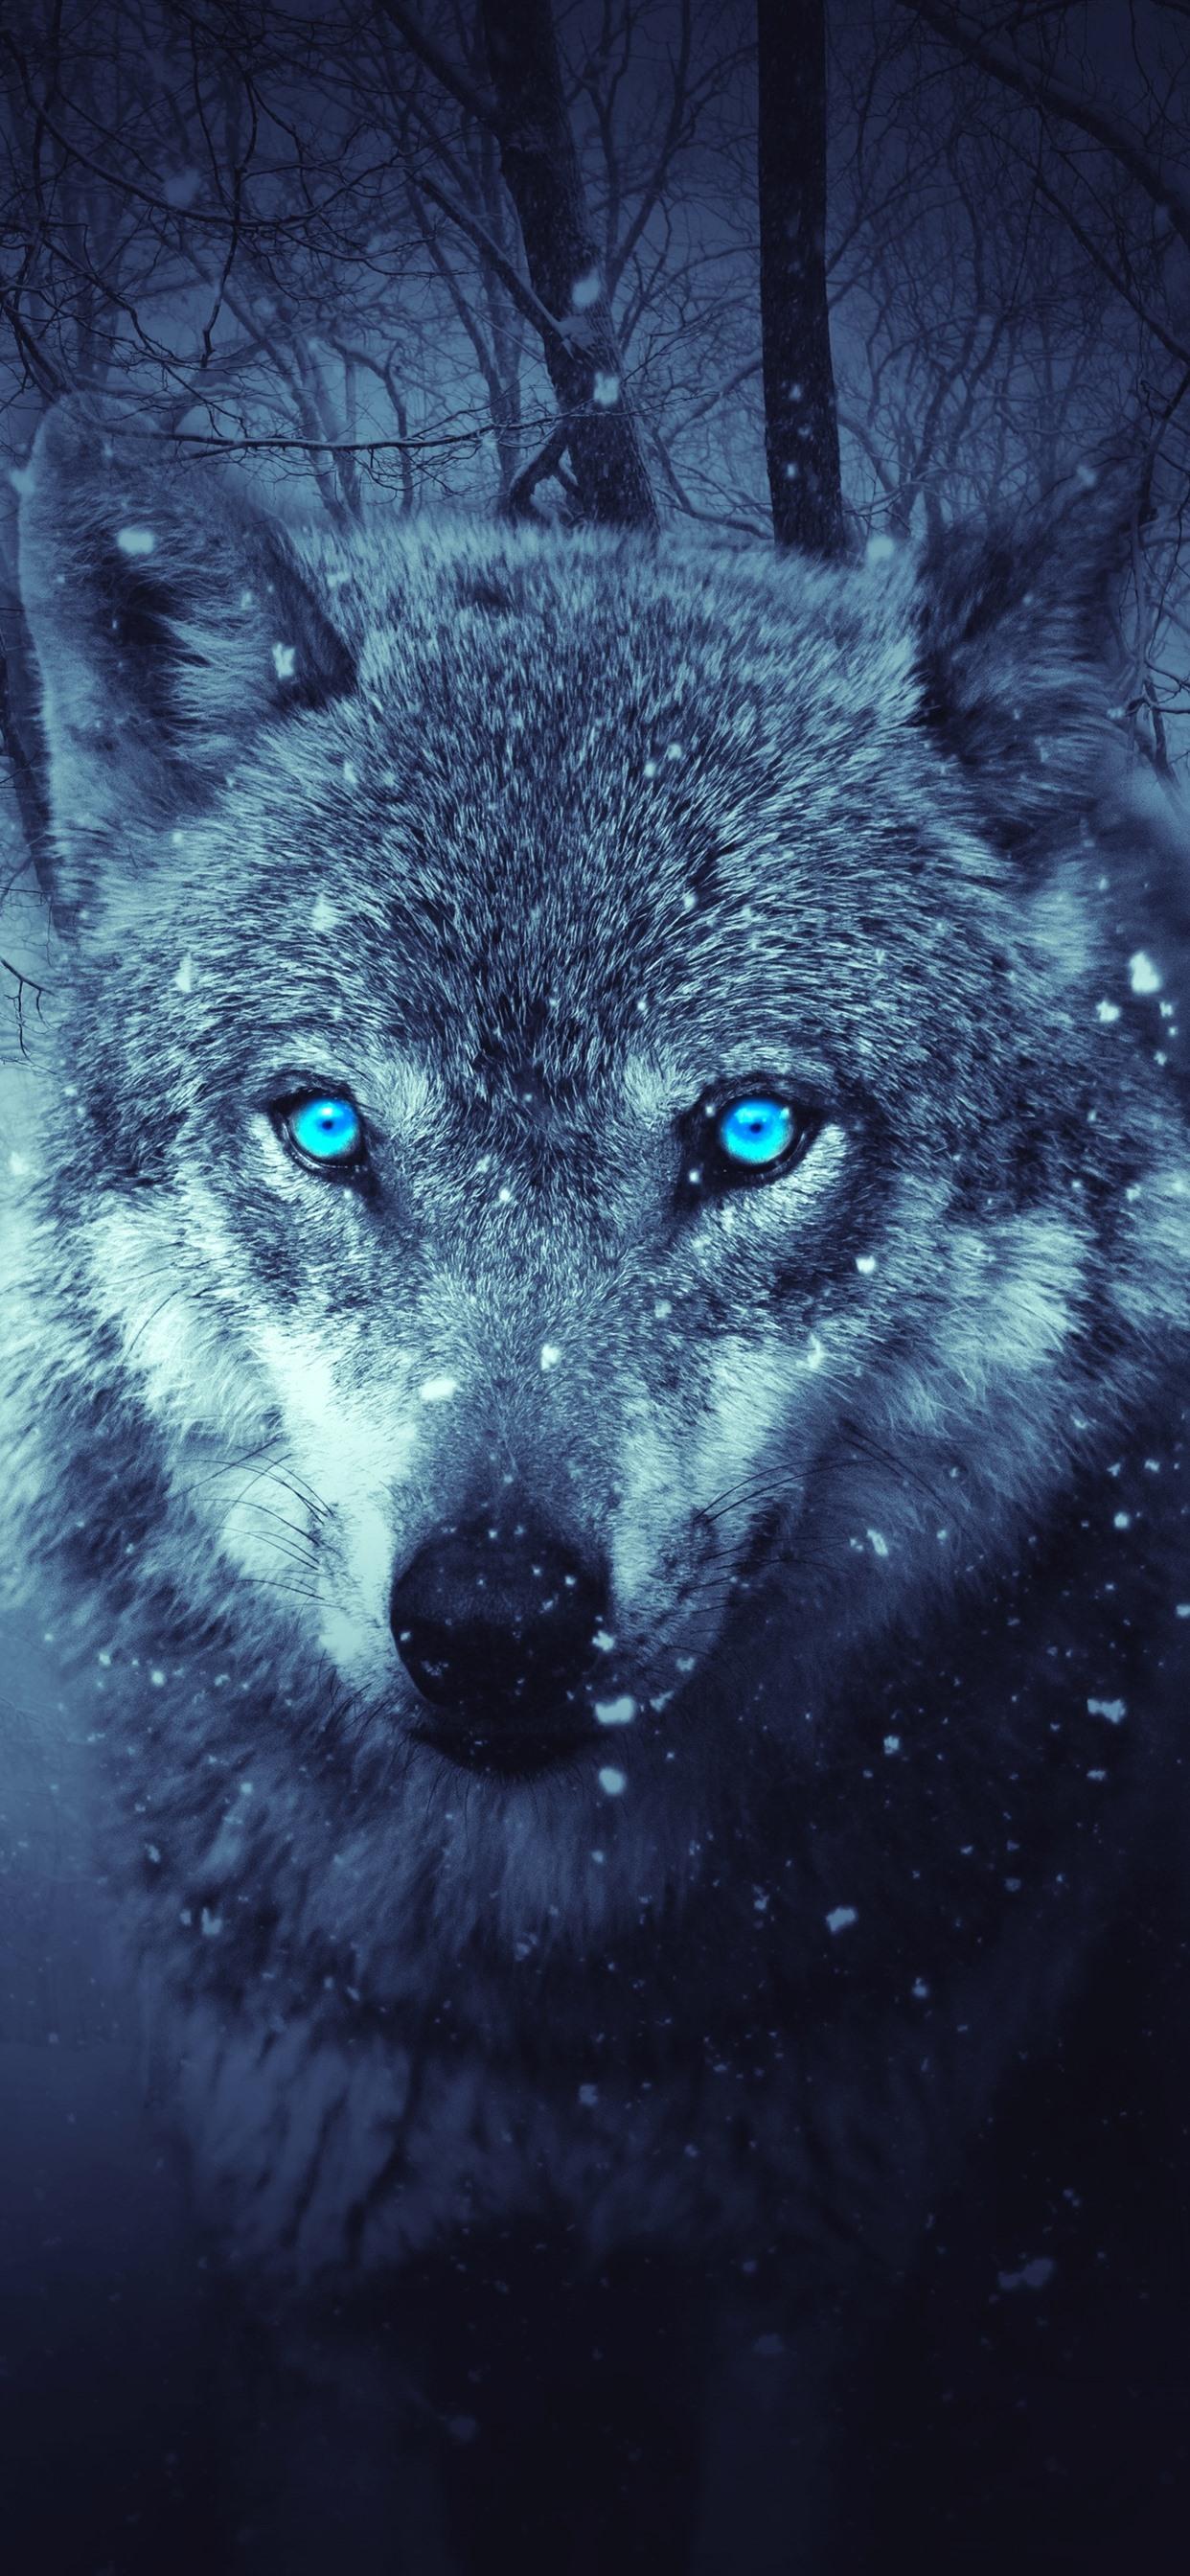 オオカミ 青い目 雪 冬 森 1242x2688 Iphone 11 Pro Xs Max 壁紙